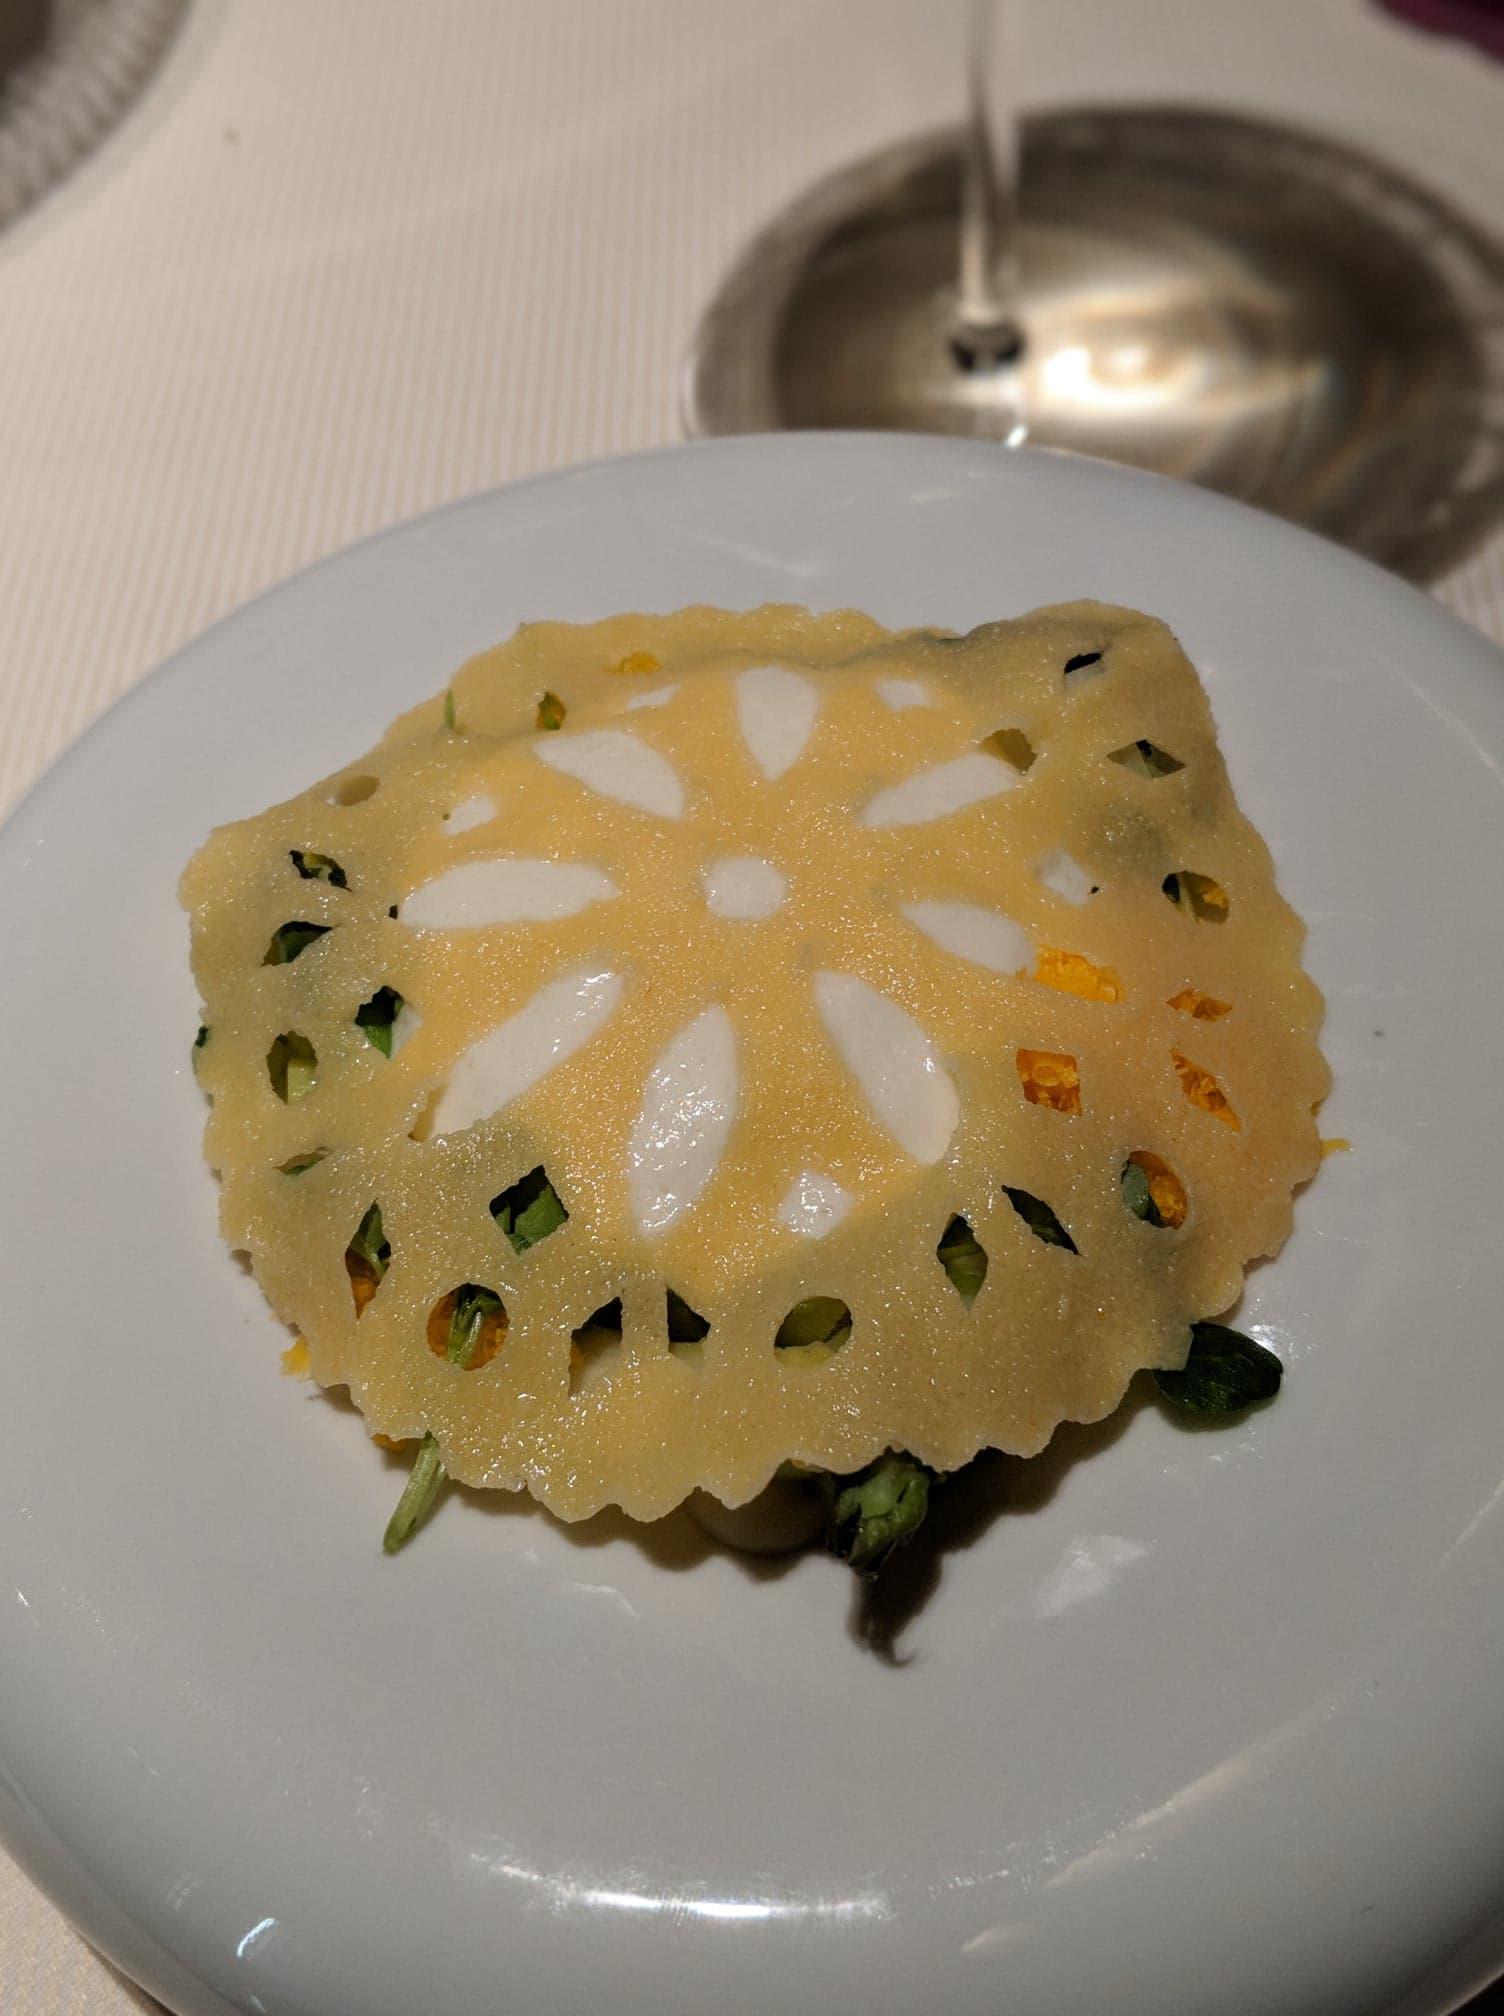 Pasta, sparrisskum och sparris i olika form